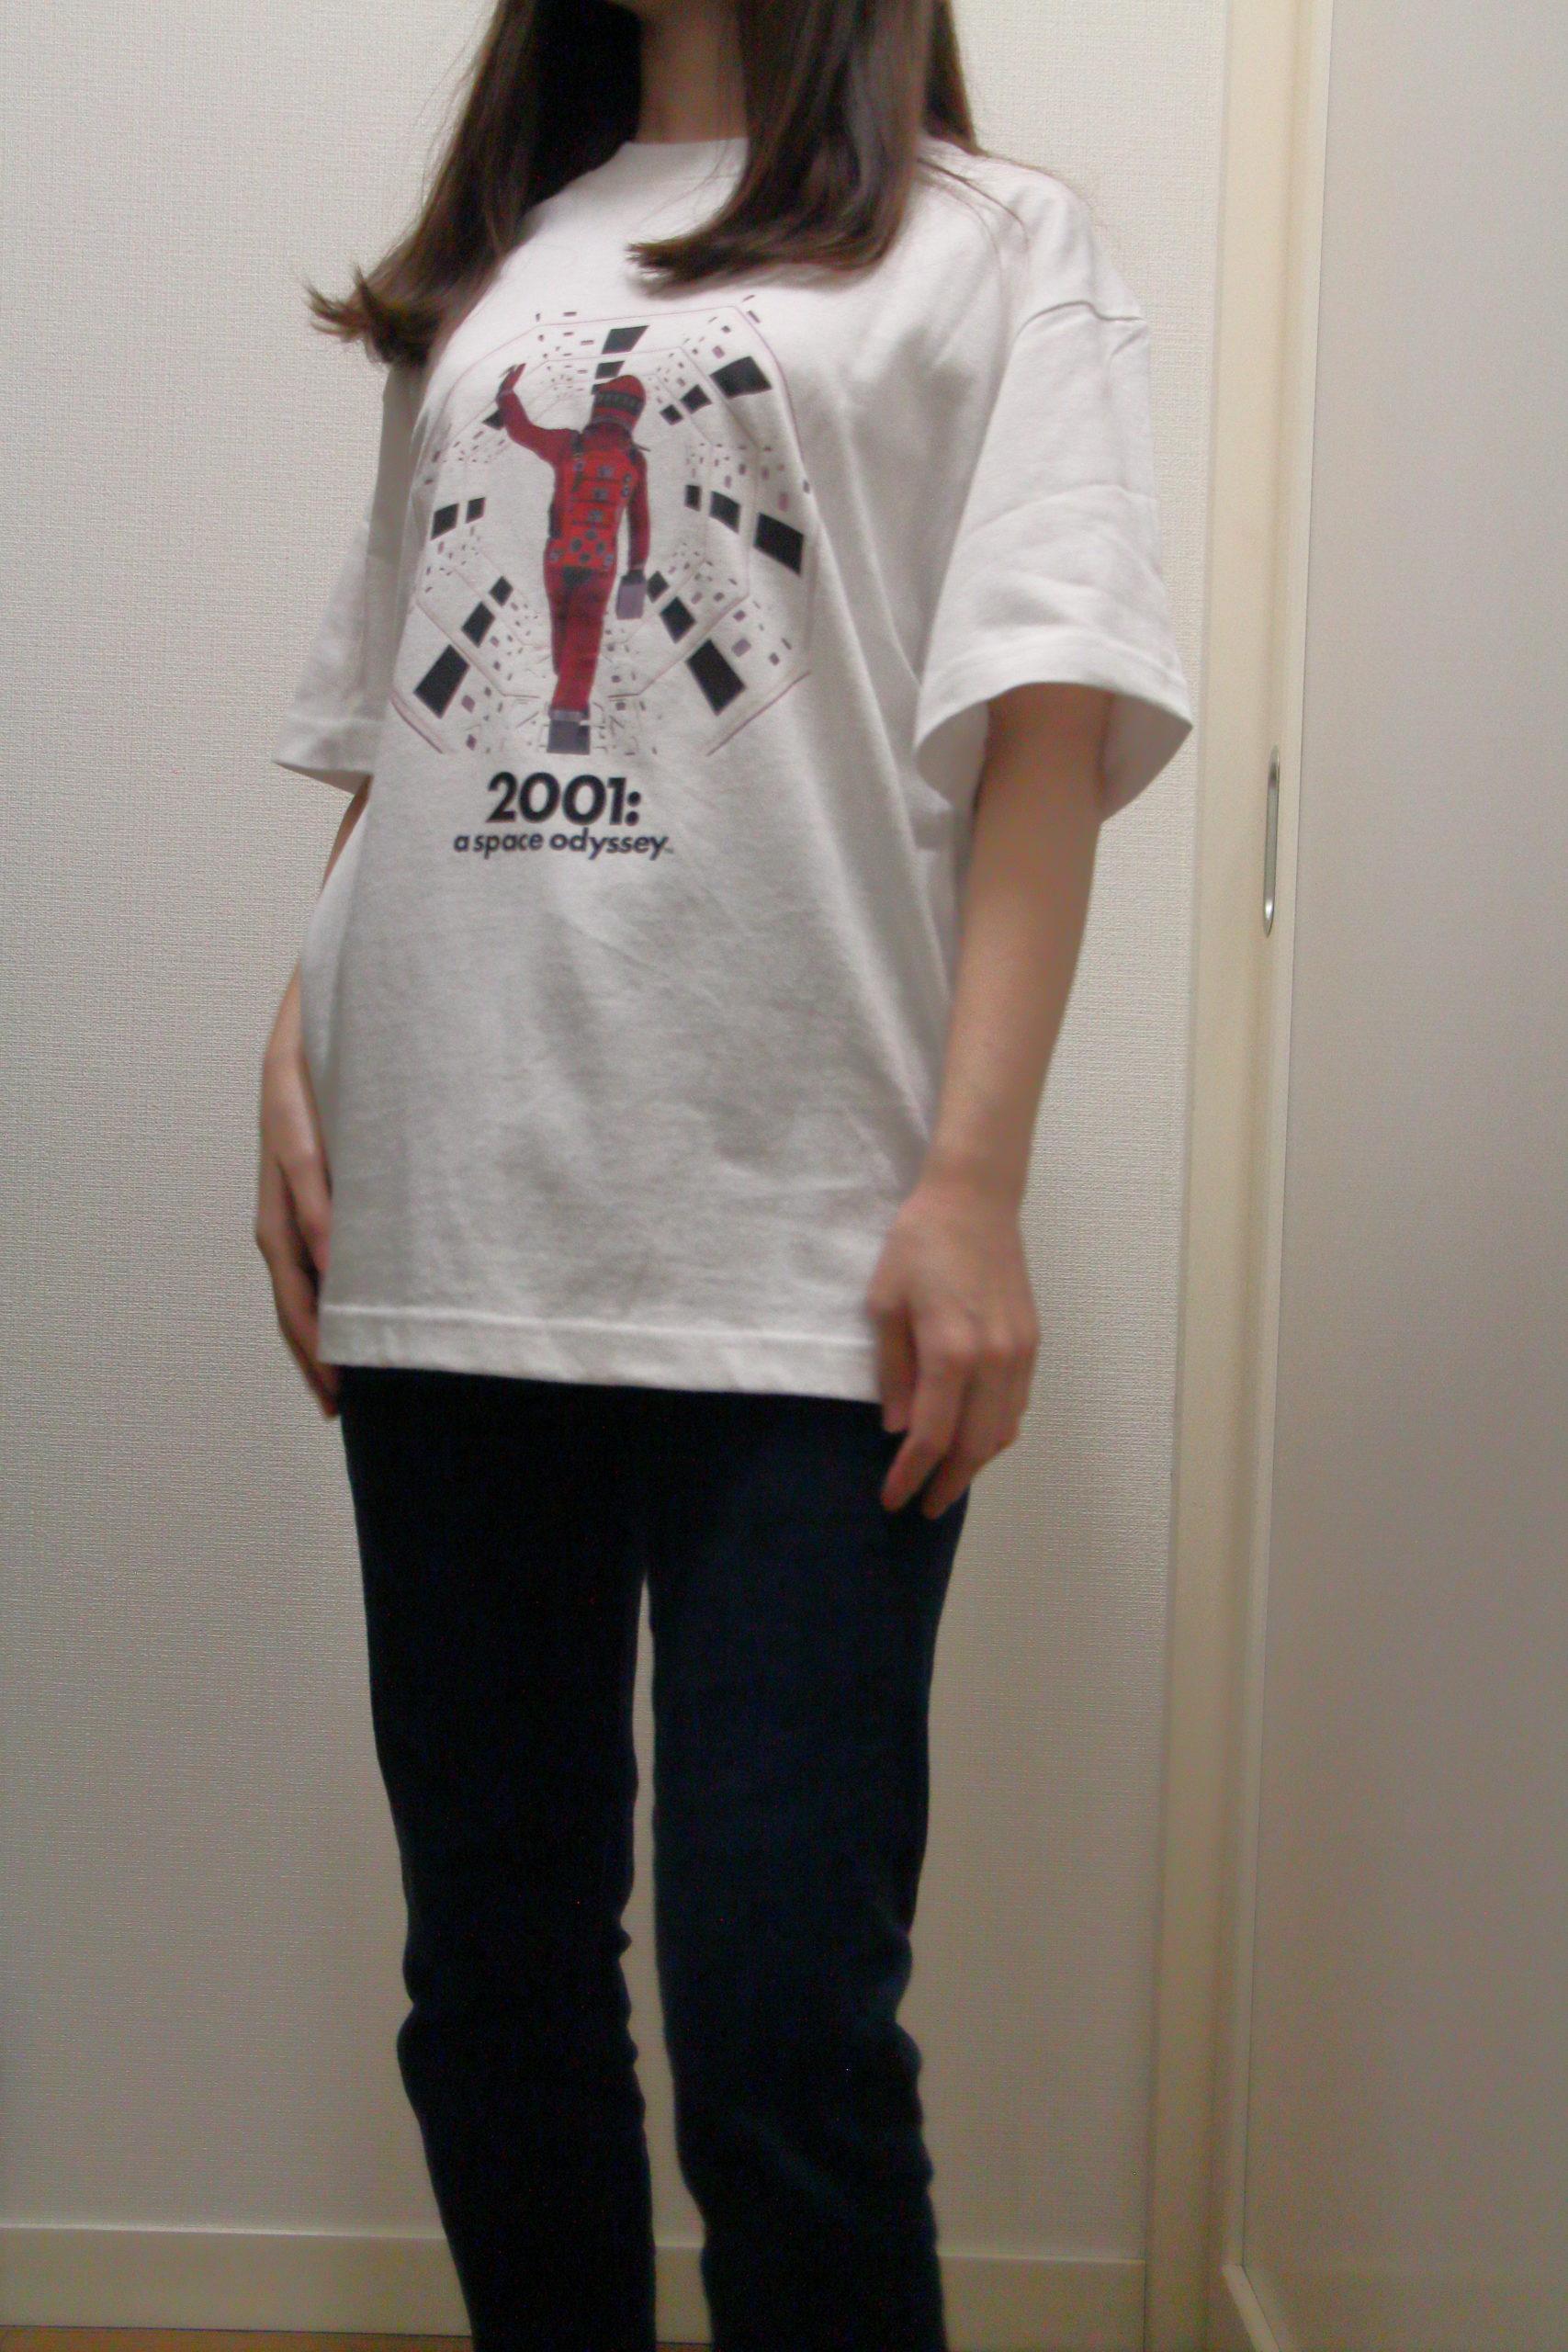 ビッグT(半袖)SPOD1